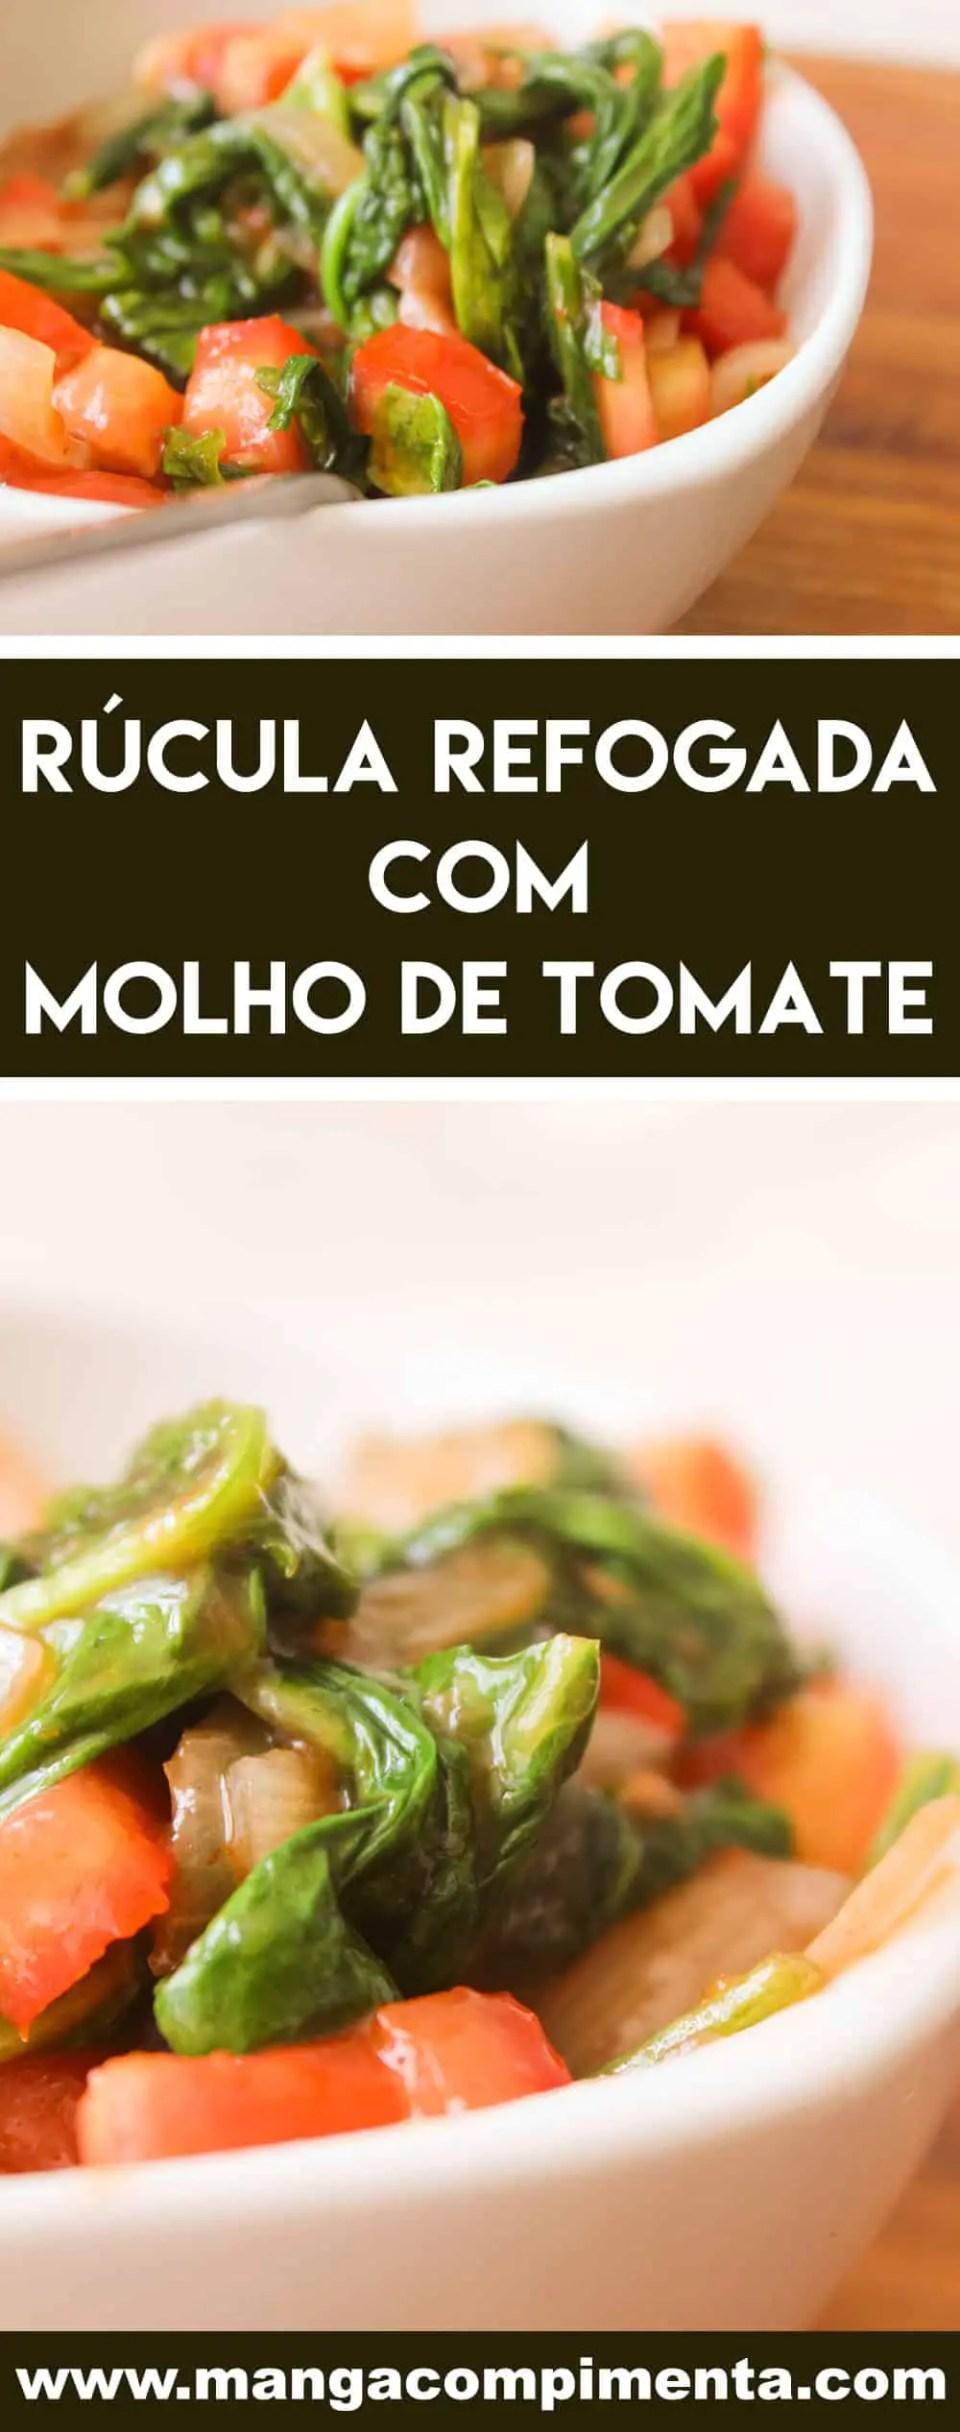 Receita de Rúcula Refogada com Molho de Tomate - prepare para o almoço da semana, sirva com macarrão ou arroz branco soltinho!